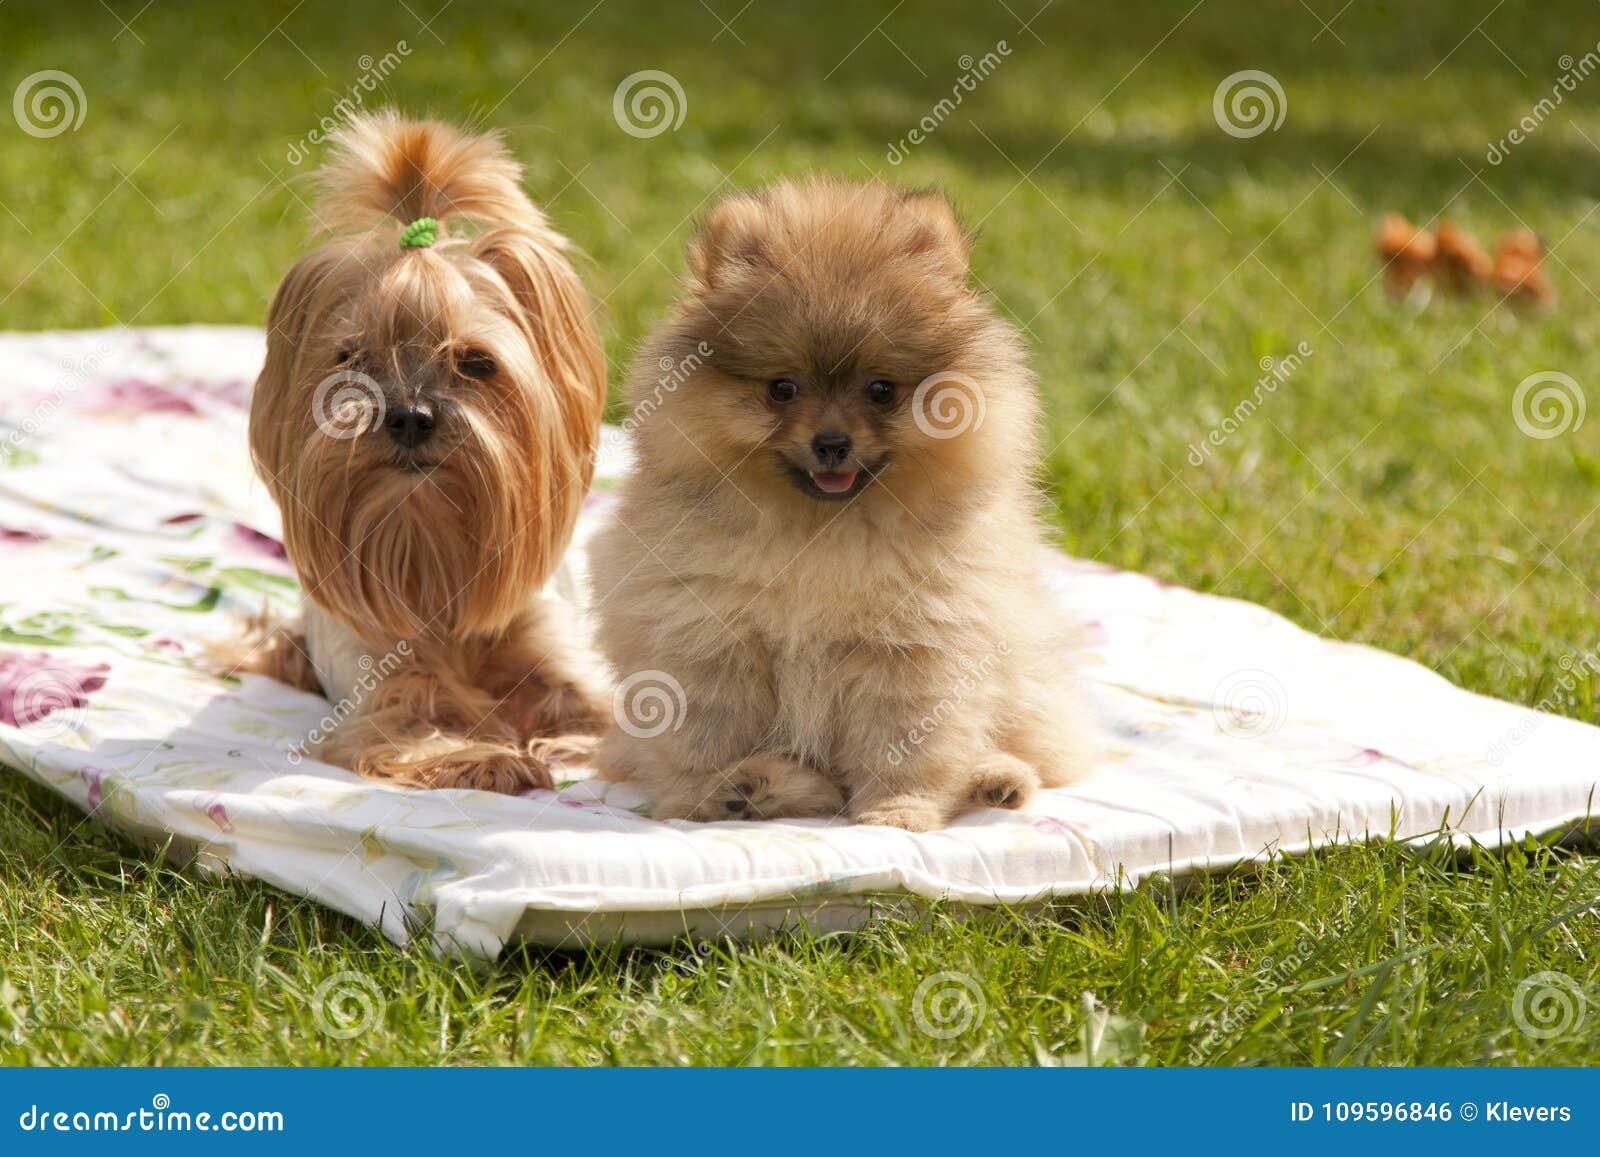 Yorkshire Terrier Und Pomeranian Spitz Sitzen Auf Einer Decke